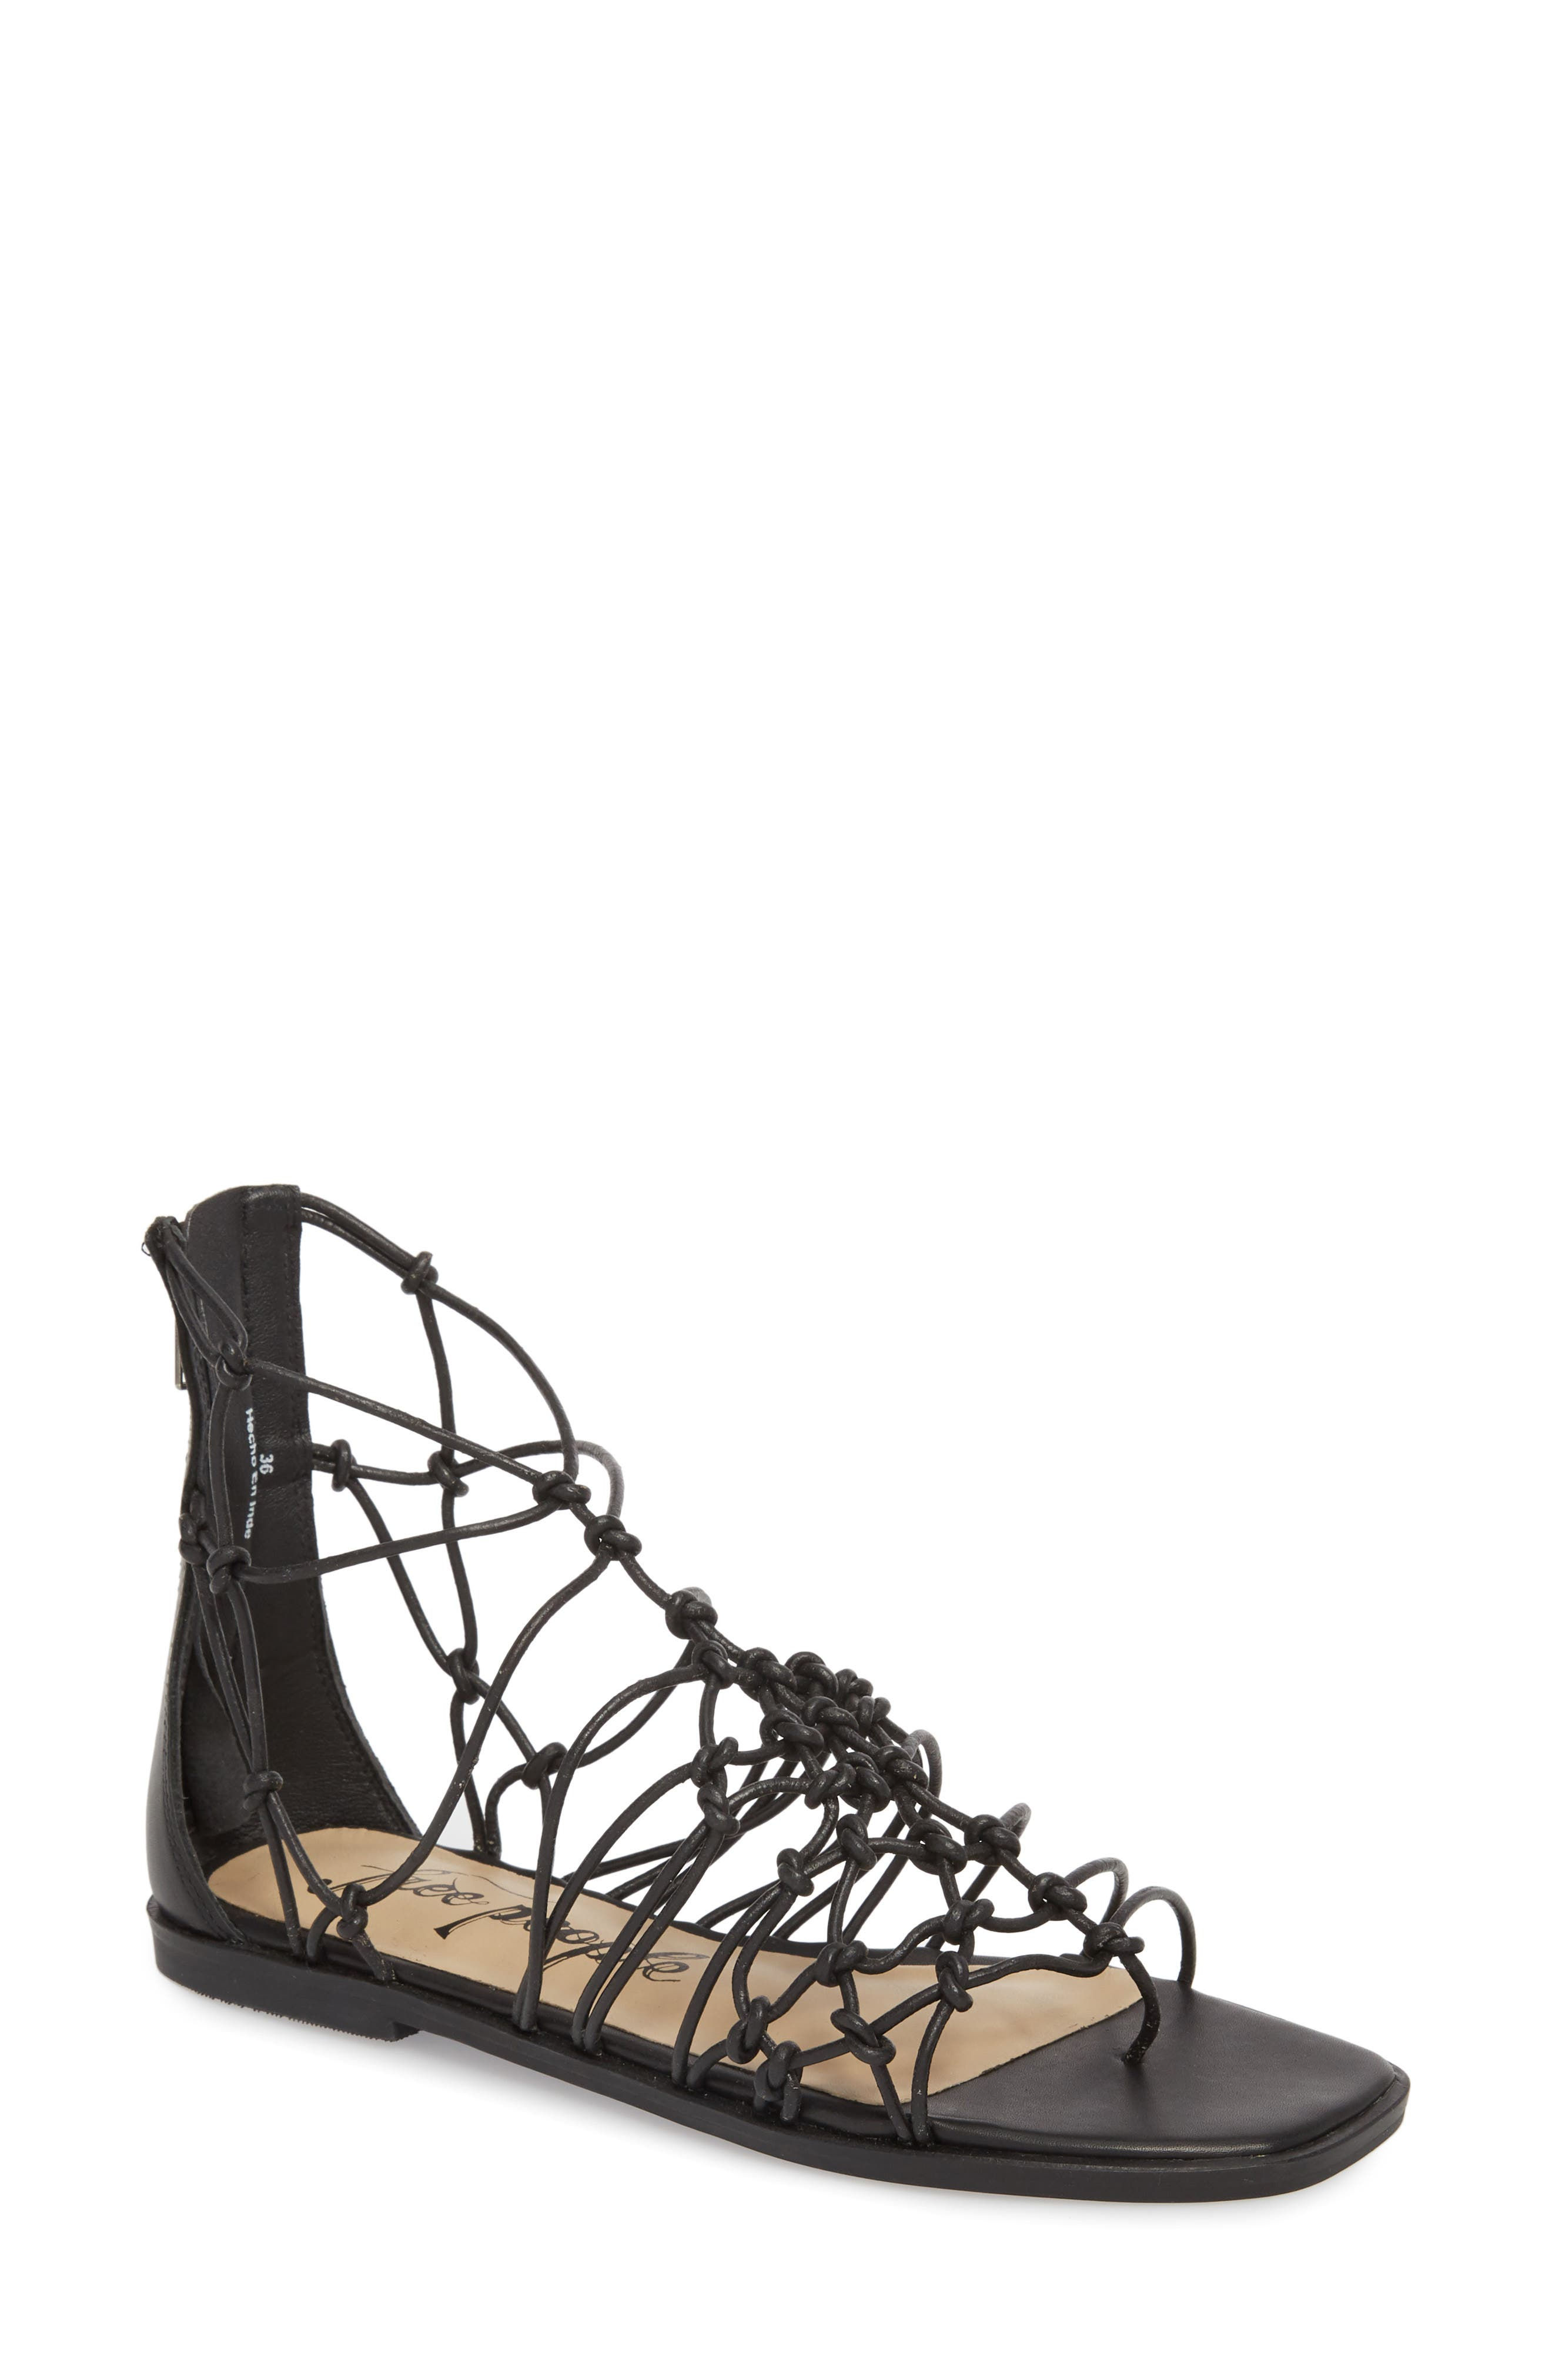 Forget Me Knot Gladiator Sandal,                         Main,                         color, 001